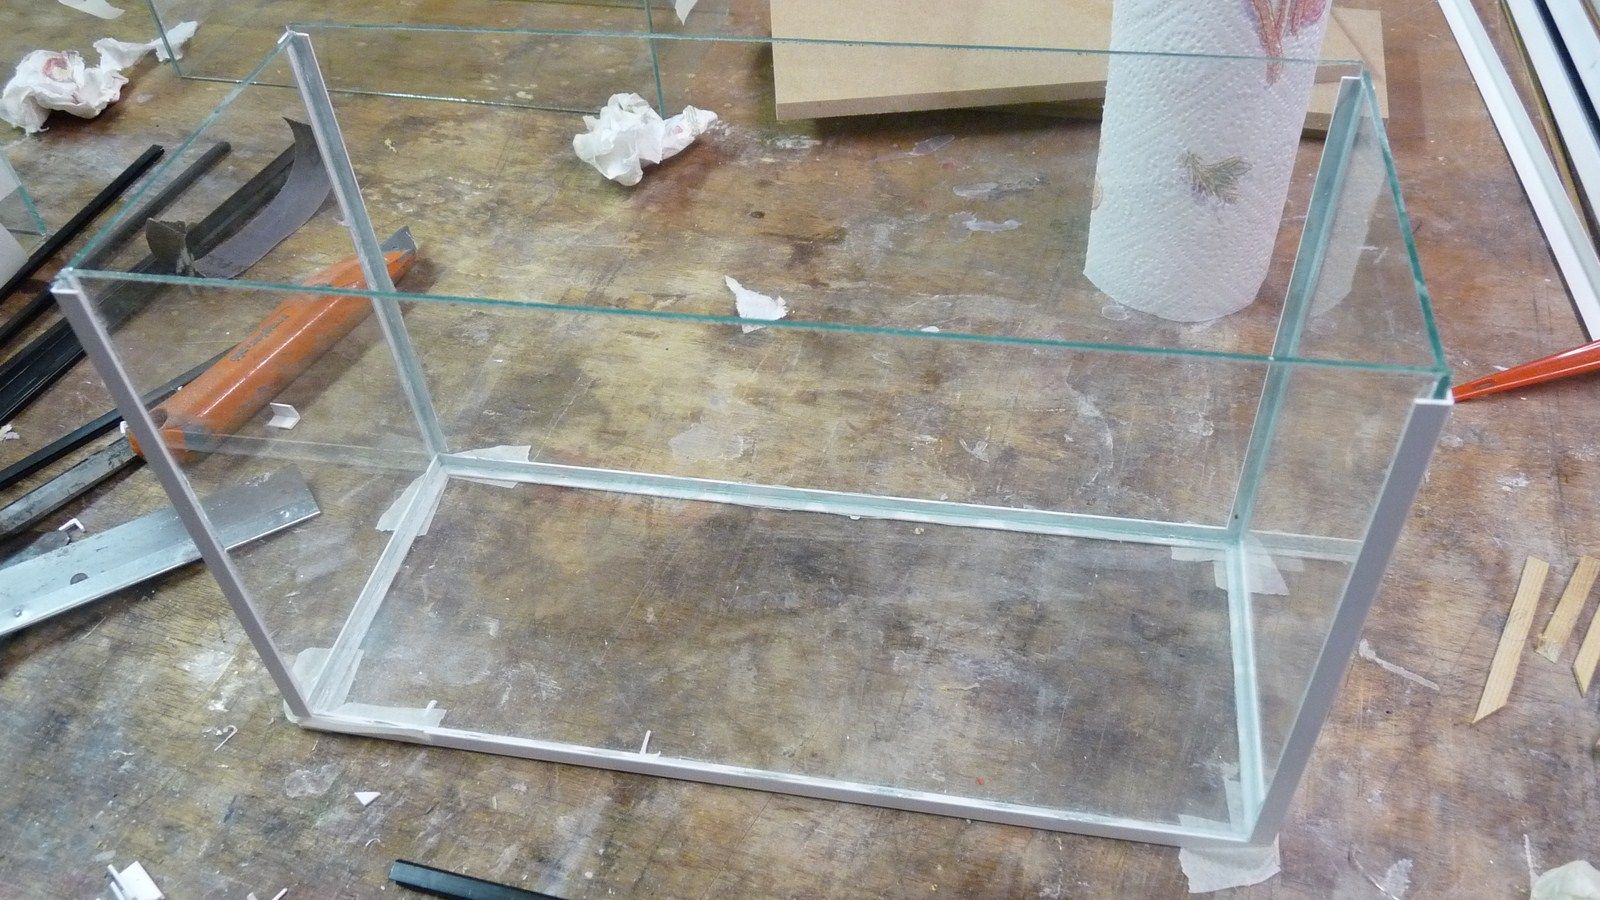 fabriquer une vitrine - Fabriquer ses propres vitrines en verre 17071907270023134915156555